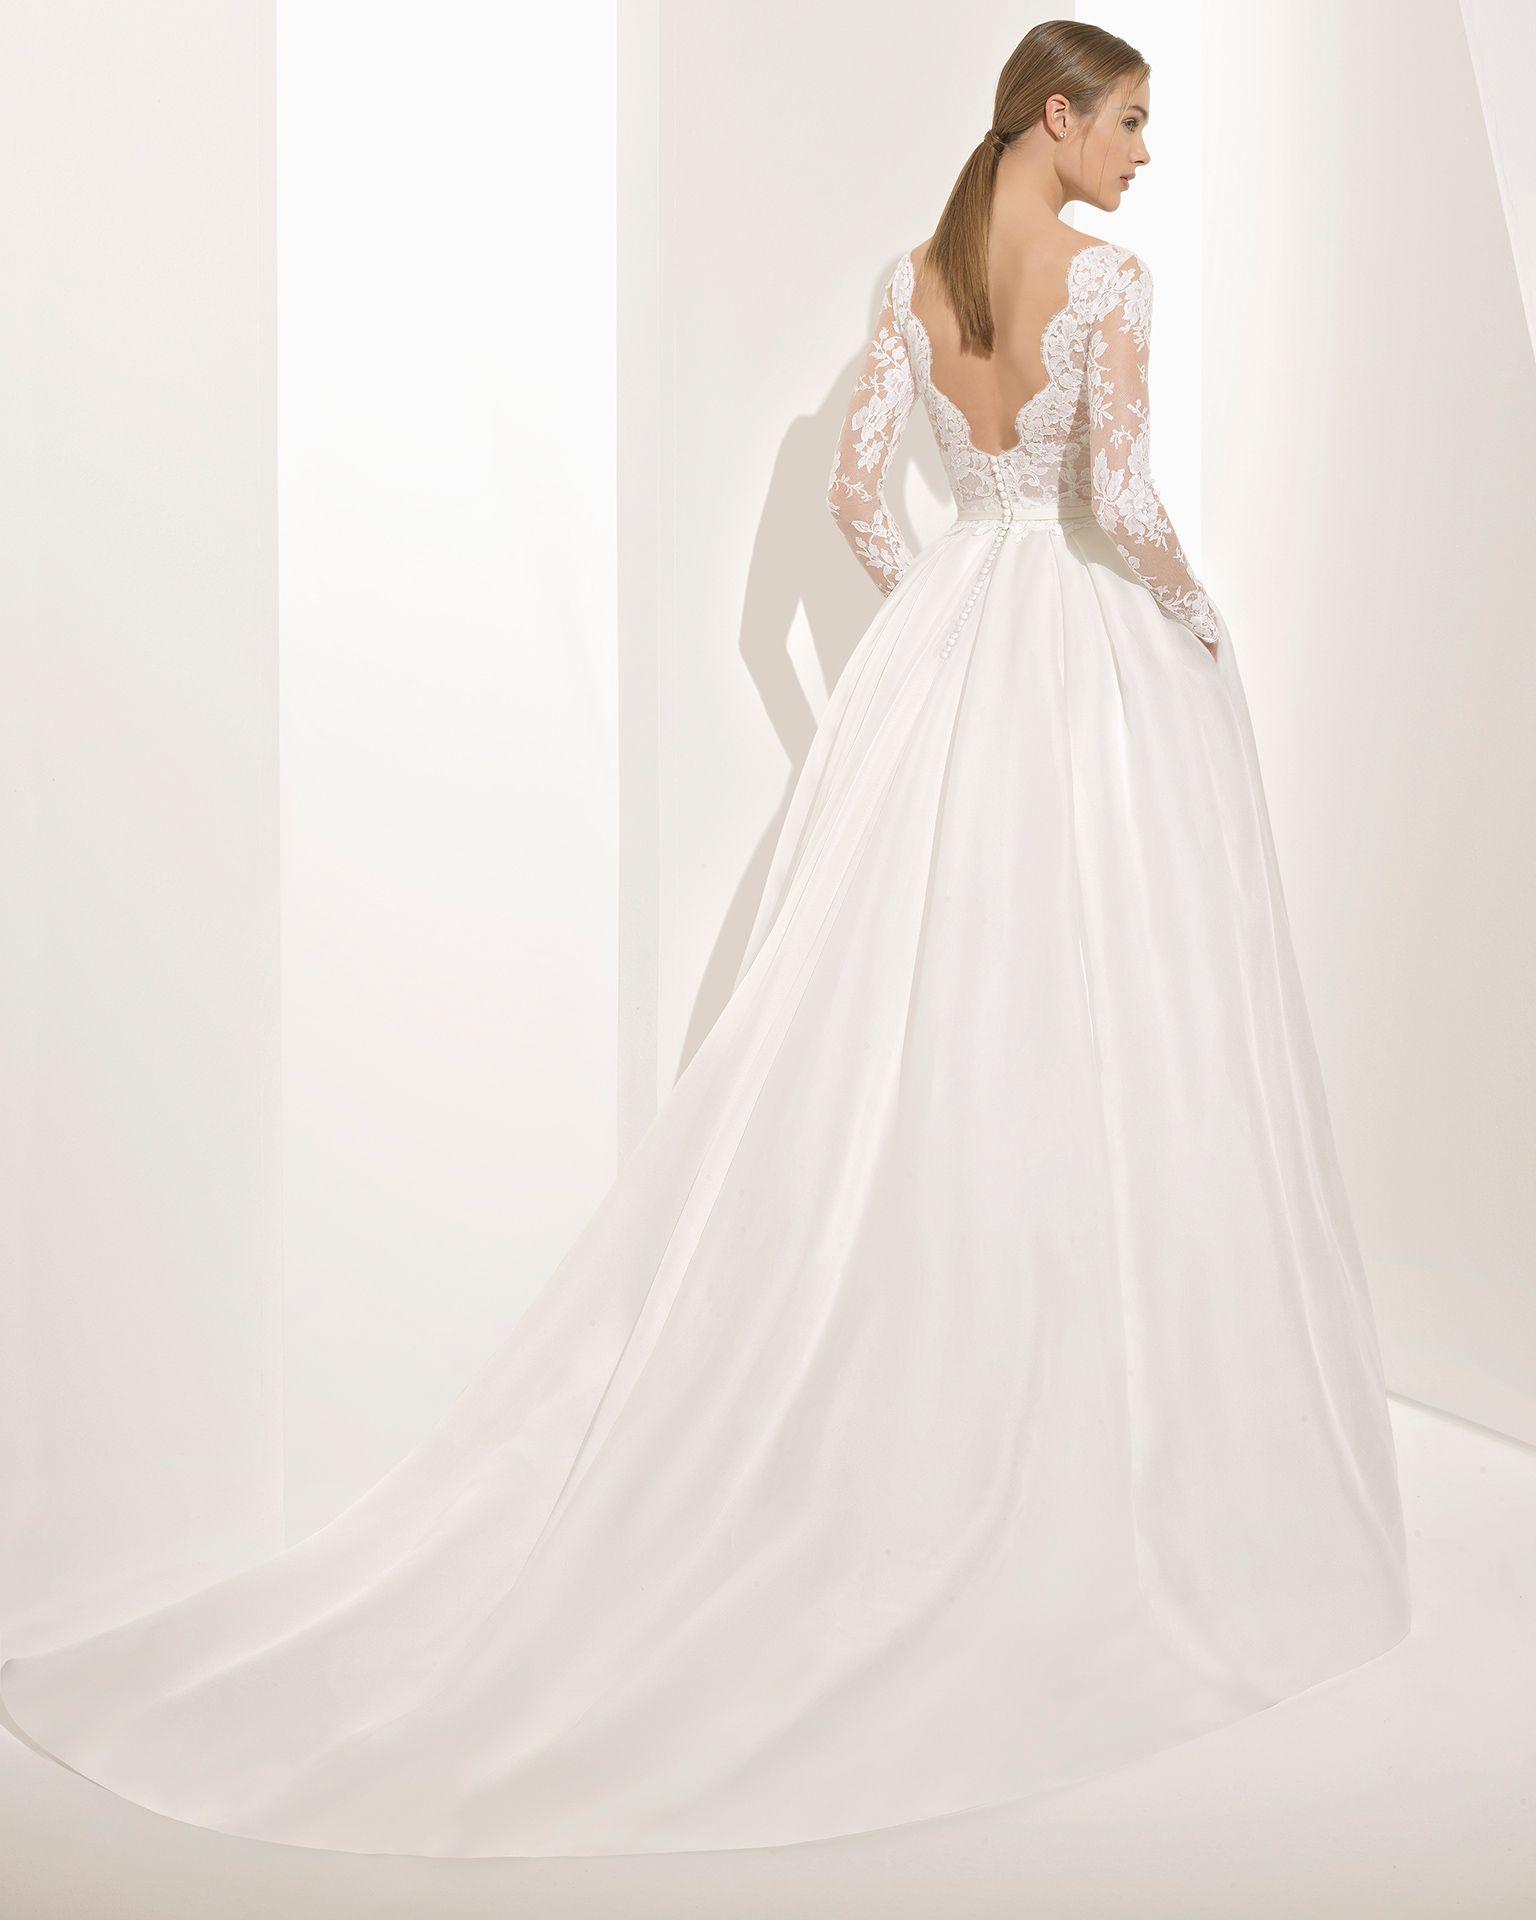 PARODIA - Hochzeit 2018. Kollektion Rosa Clará Couture | klassisches ...